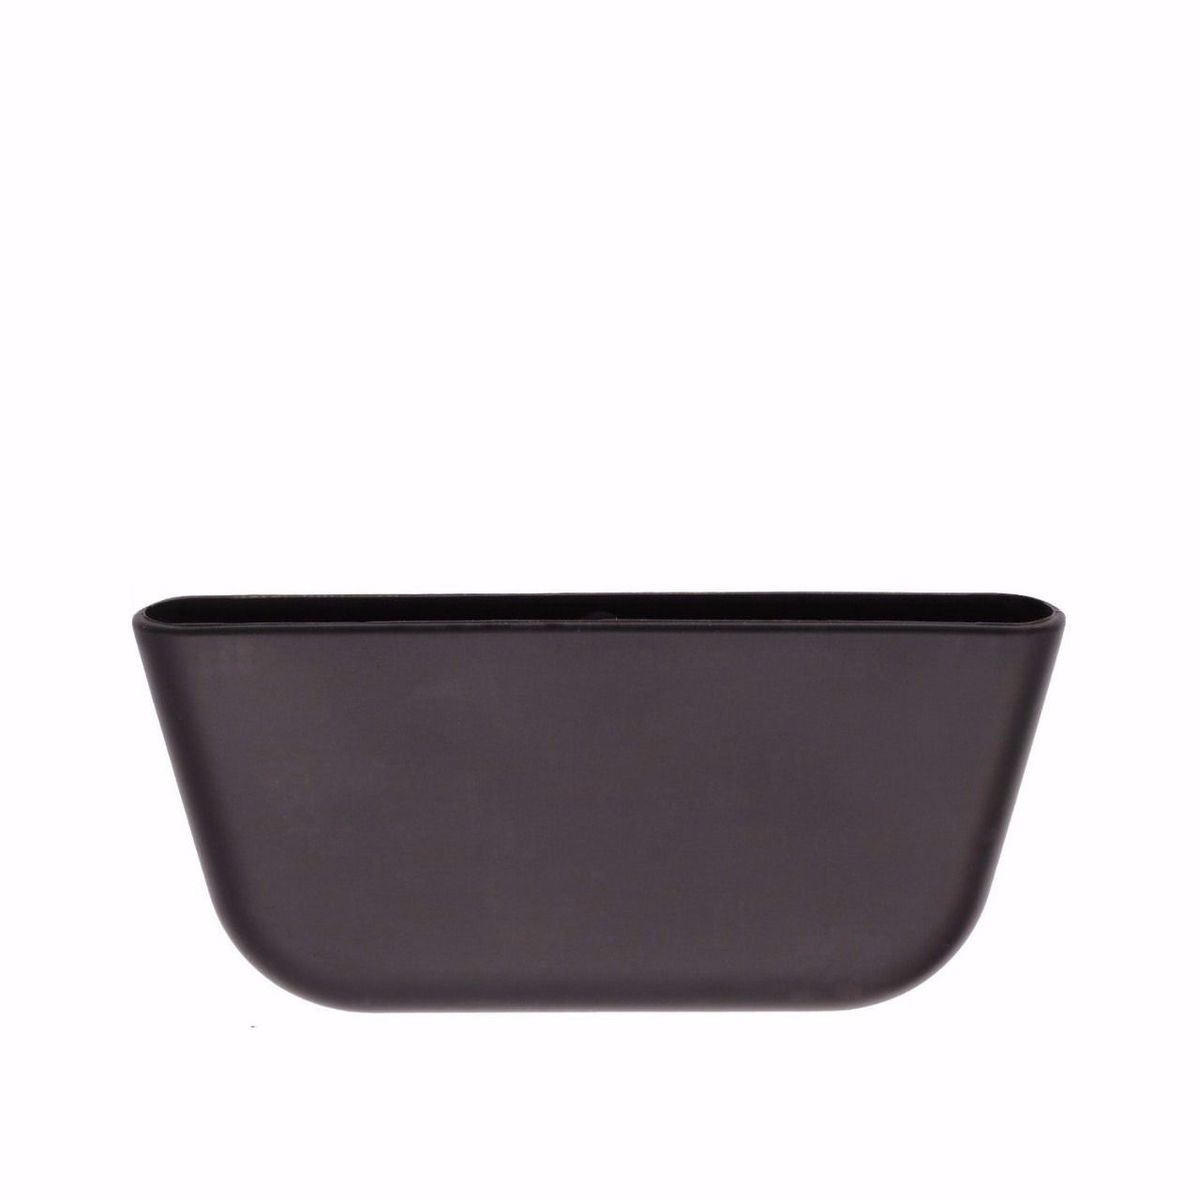 Насадка для раскаленной ручки чугунного казана FidgetGo, цвет: черный, 12 х 5,8 х 1,5 см2212345678963Если надоело использовать прихватки и перчатки, чтобы взять за горячую ручку кастрюли или казана при готовке, определенно стоит обзавестись специальной насадкой .Она выполнена из силикона и повторяет форму ручки. Предназначена для кастрюль и ли казанов со стальными или чугунными ручками. Может выдерживать температуру до +230 градусов. Приятна на ощупь и не выскальзывает из рук, Ее можно легко надеть на ручку уже разогретой посуды.Силикон выдерживает температуры от - 40°С до 230°С, не впитывает посторонние запахи и обладает грязеотталкивающими свойствами.